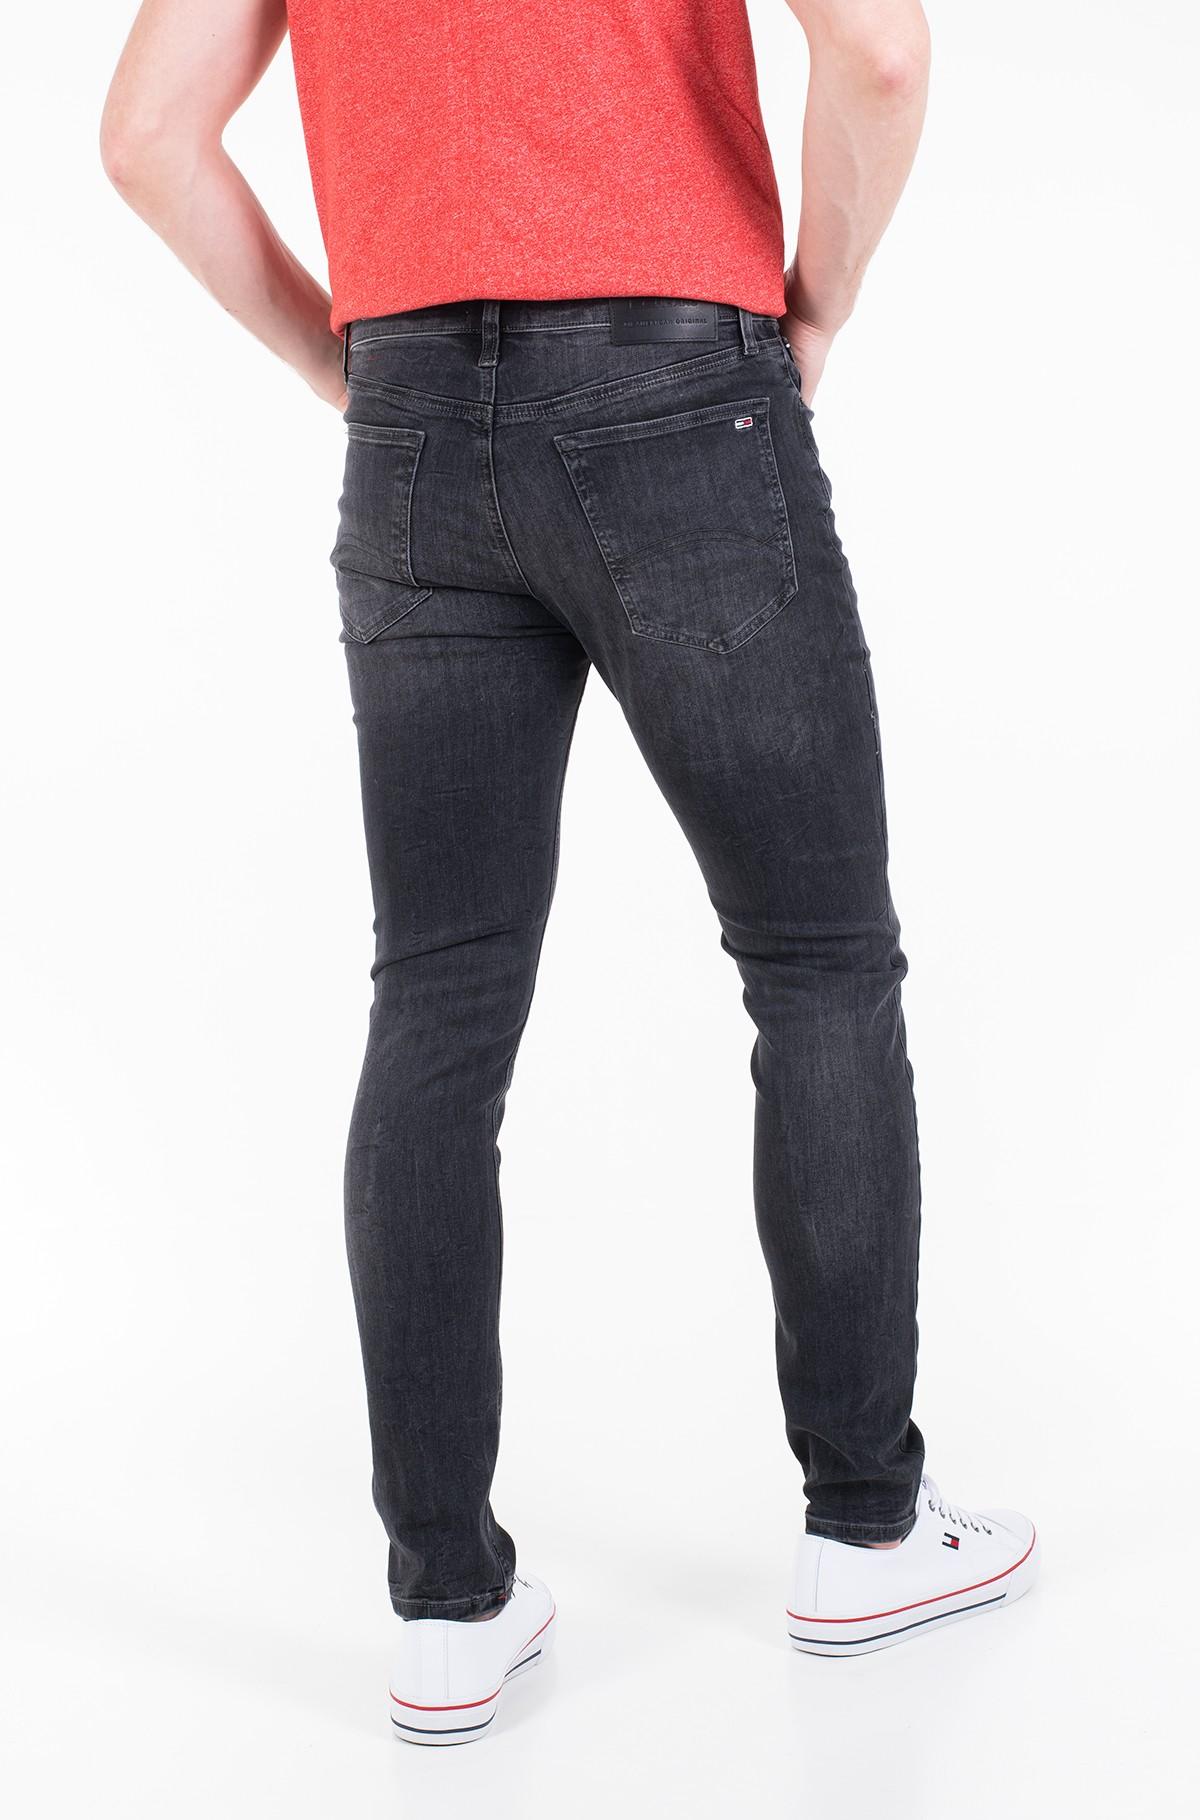 Jeans SIMON SKINNY NSTBK-full-2